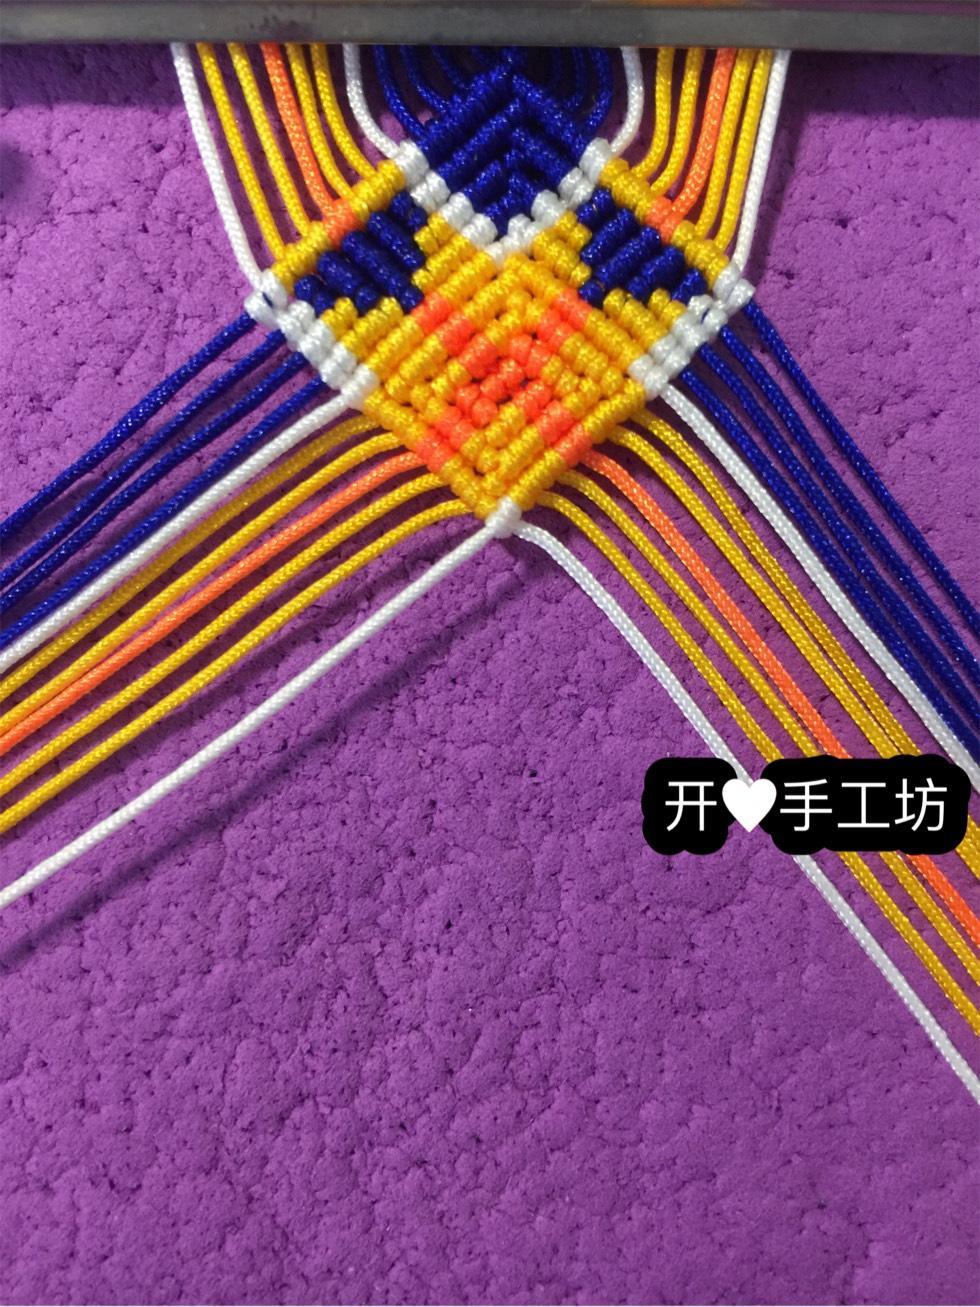 中国结论坛 八芒星  图文教程区 180115hz39e1tlkoclcm7k